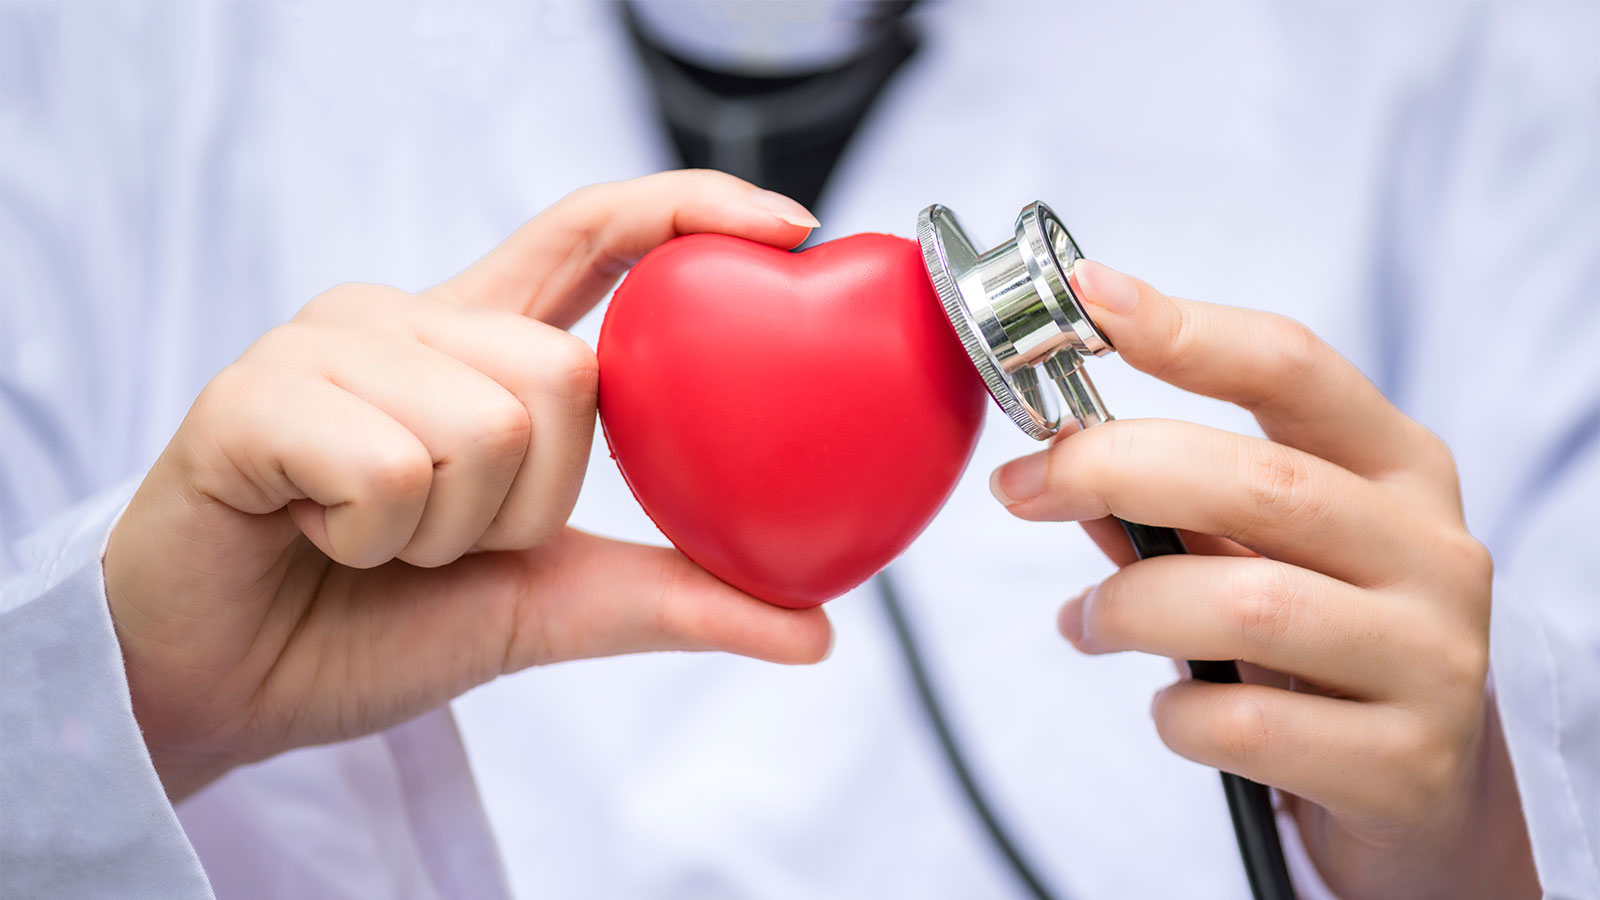 Hipertensión arterial - OCU